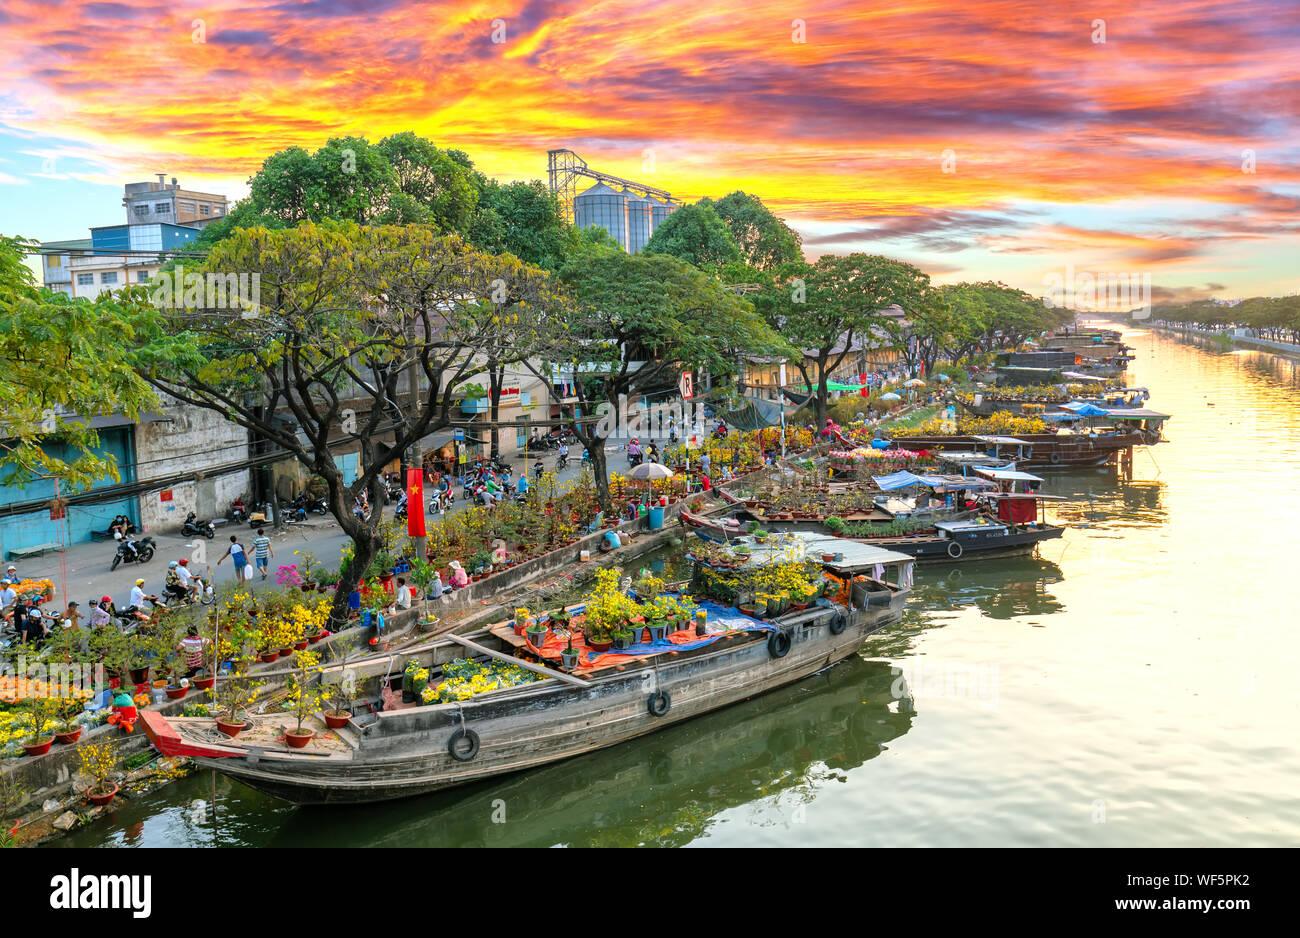 Sunset EMBARCADERO embarcadero junto al canal del mercado de flores. Este es el lugar los agricultores venden albaricoque y otras flores en el Año Nuevo Lunar en Ciudad Ho Chi Minh, Vietnam Foto de stock